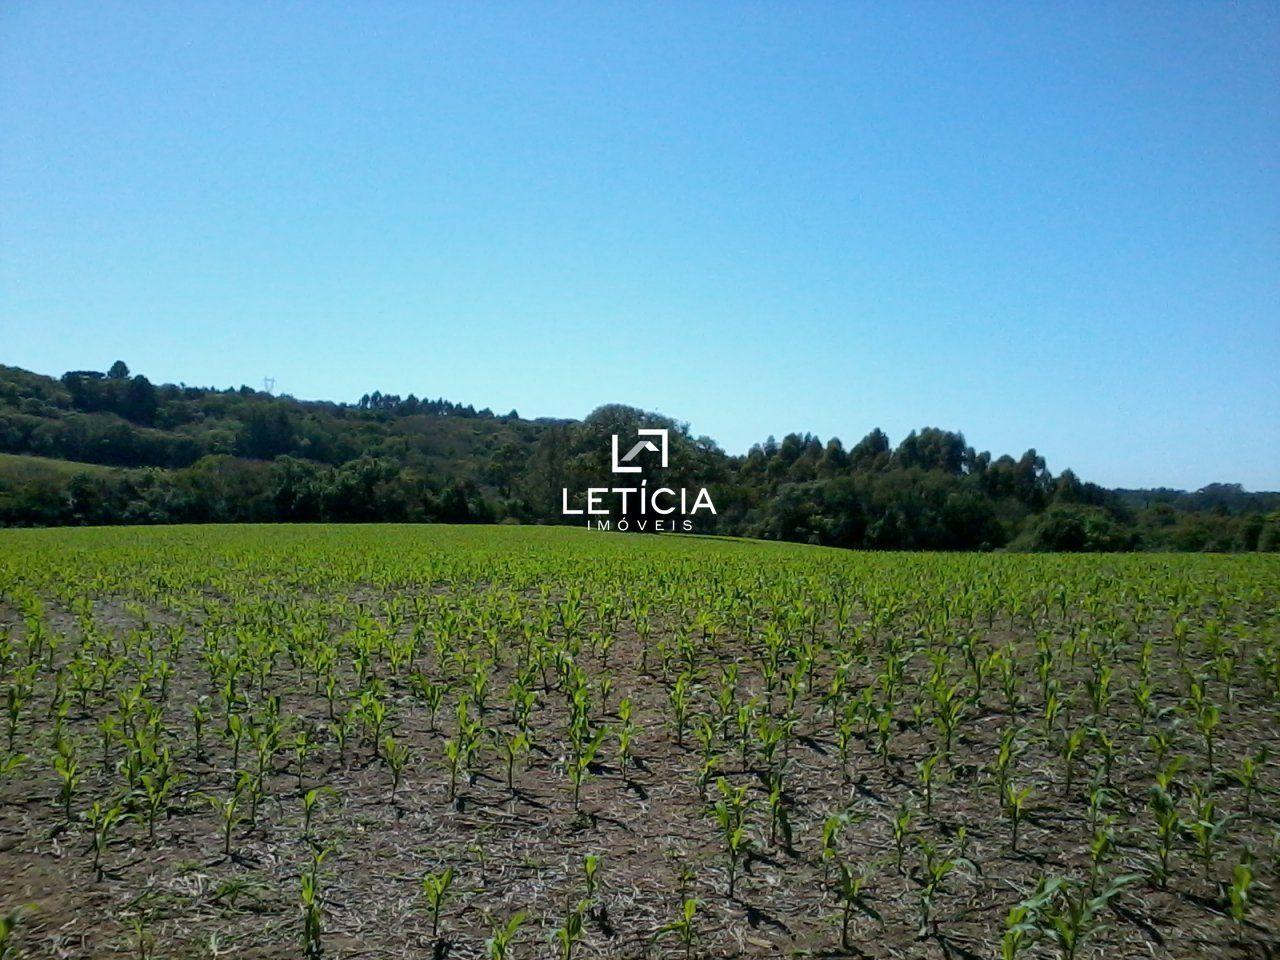 Fazenda/sítio/chácara/haras à venda  no Centro - Itaara, RS. Imóveis